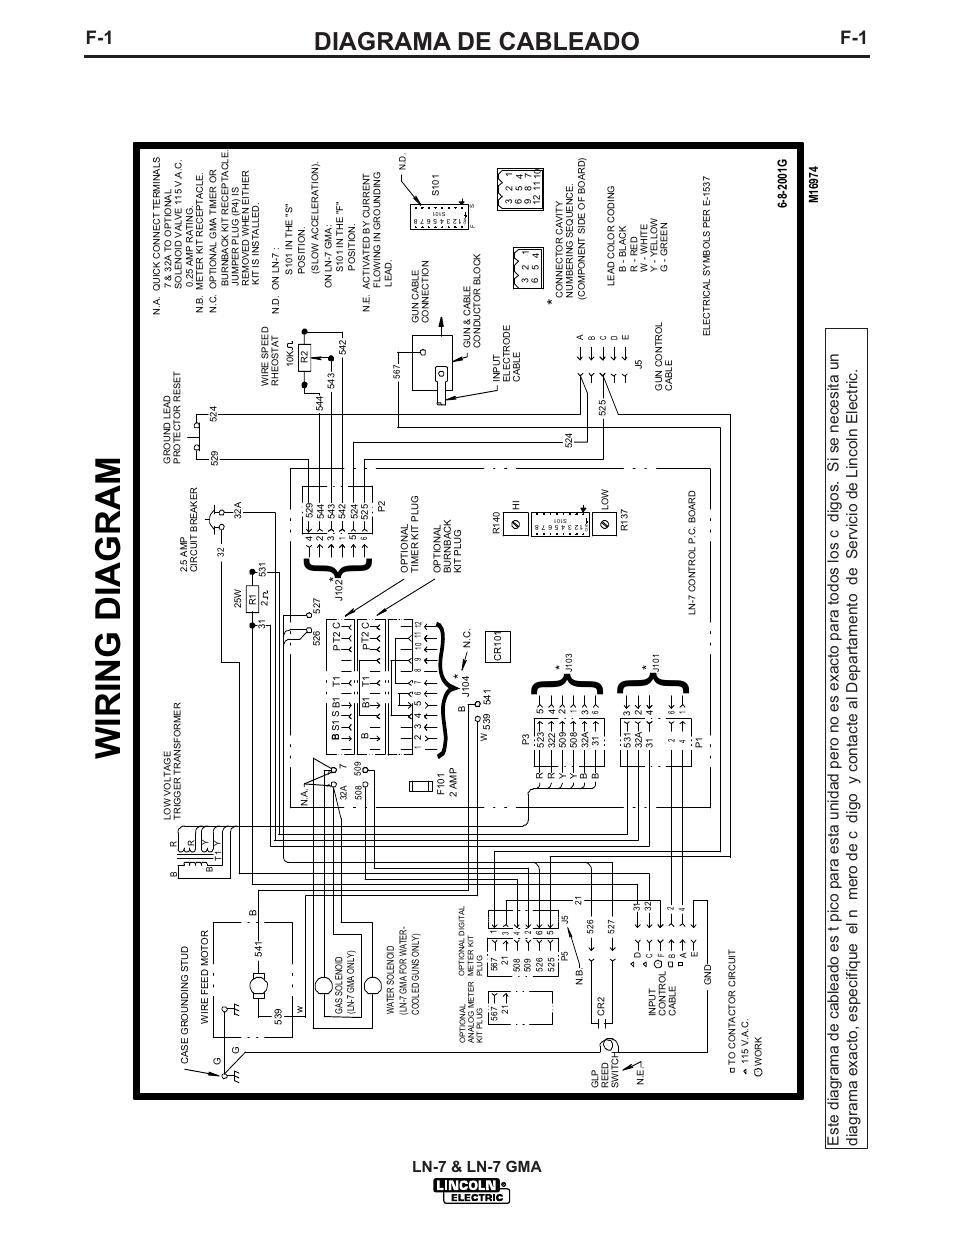 Lincoln Ln 7 Wiring Diagram Schematic Diagrams Amp 2000 Ls Diagrama De Cableado Gma